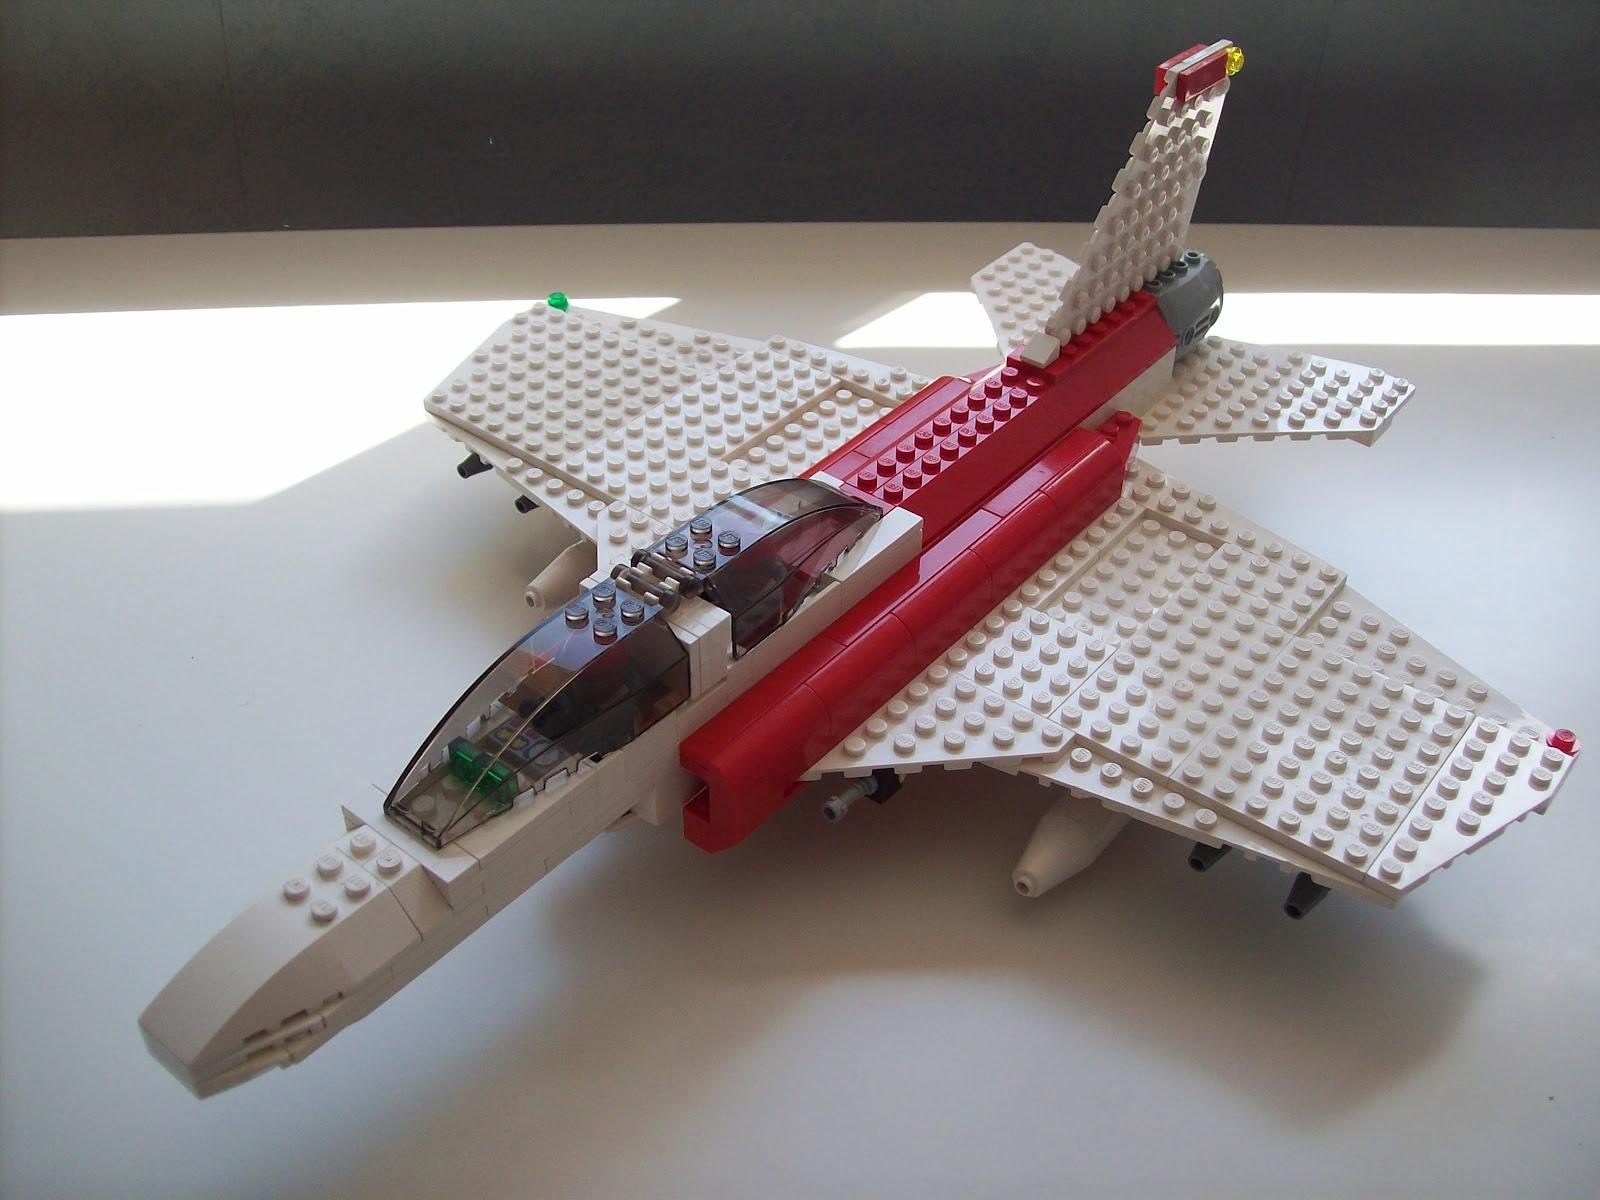 Obsol te les trucs vincentlego avion de chasse lego - Avion de chasse en lego ...